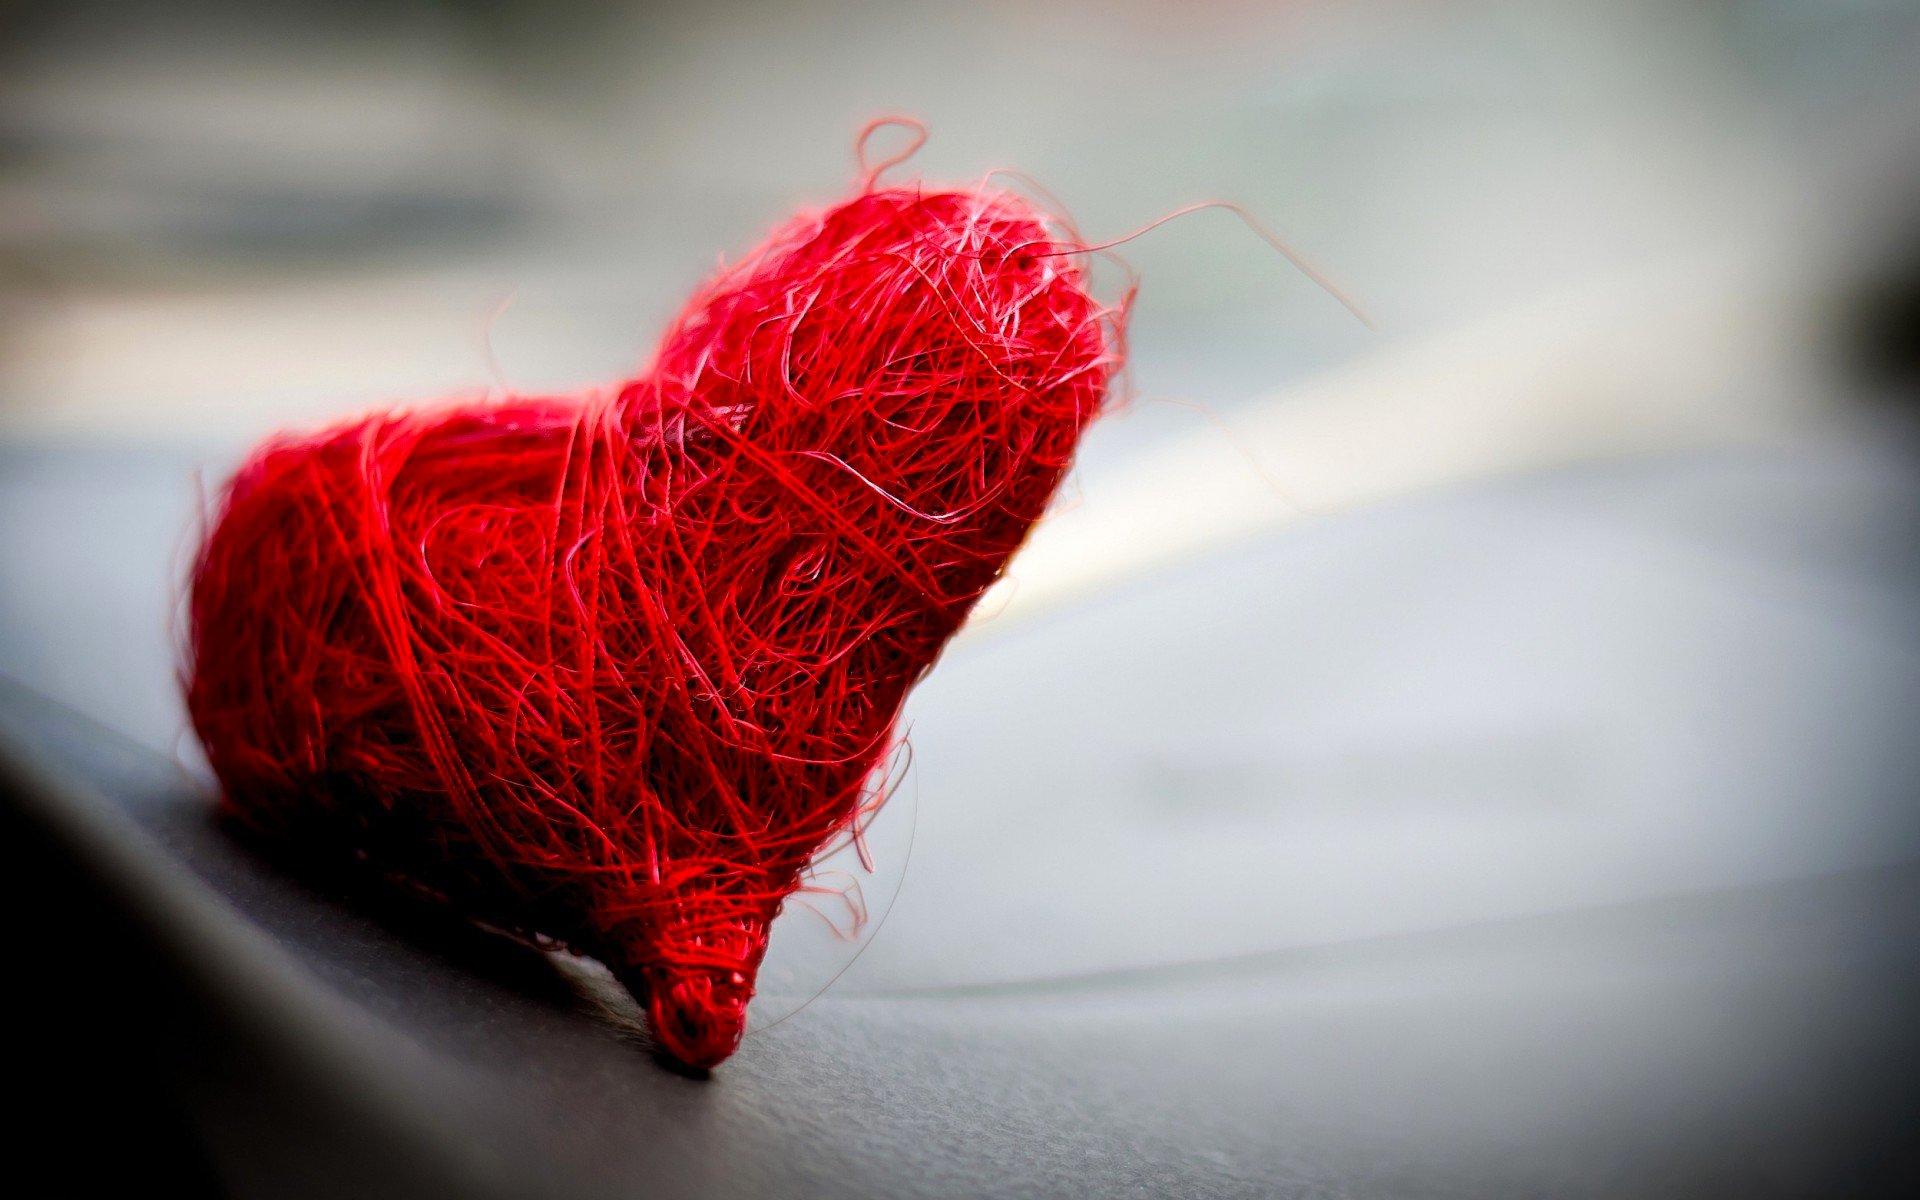 картинки о любви и нежности любимому на английском постоянно развиваемся, щем